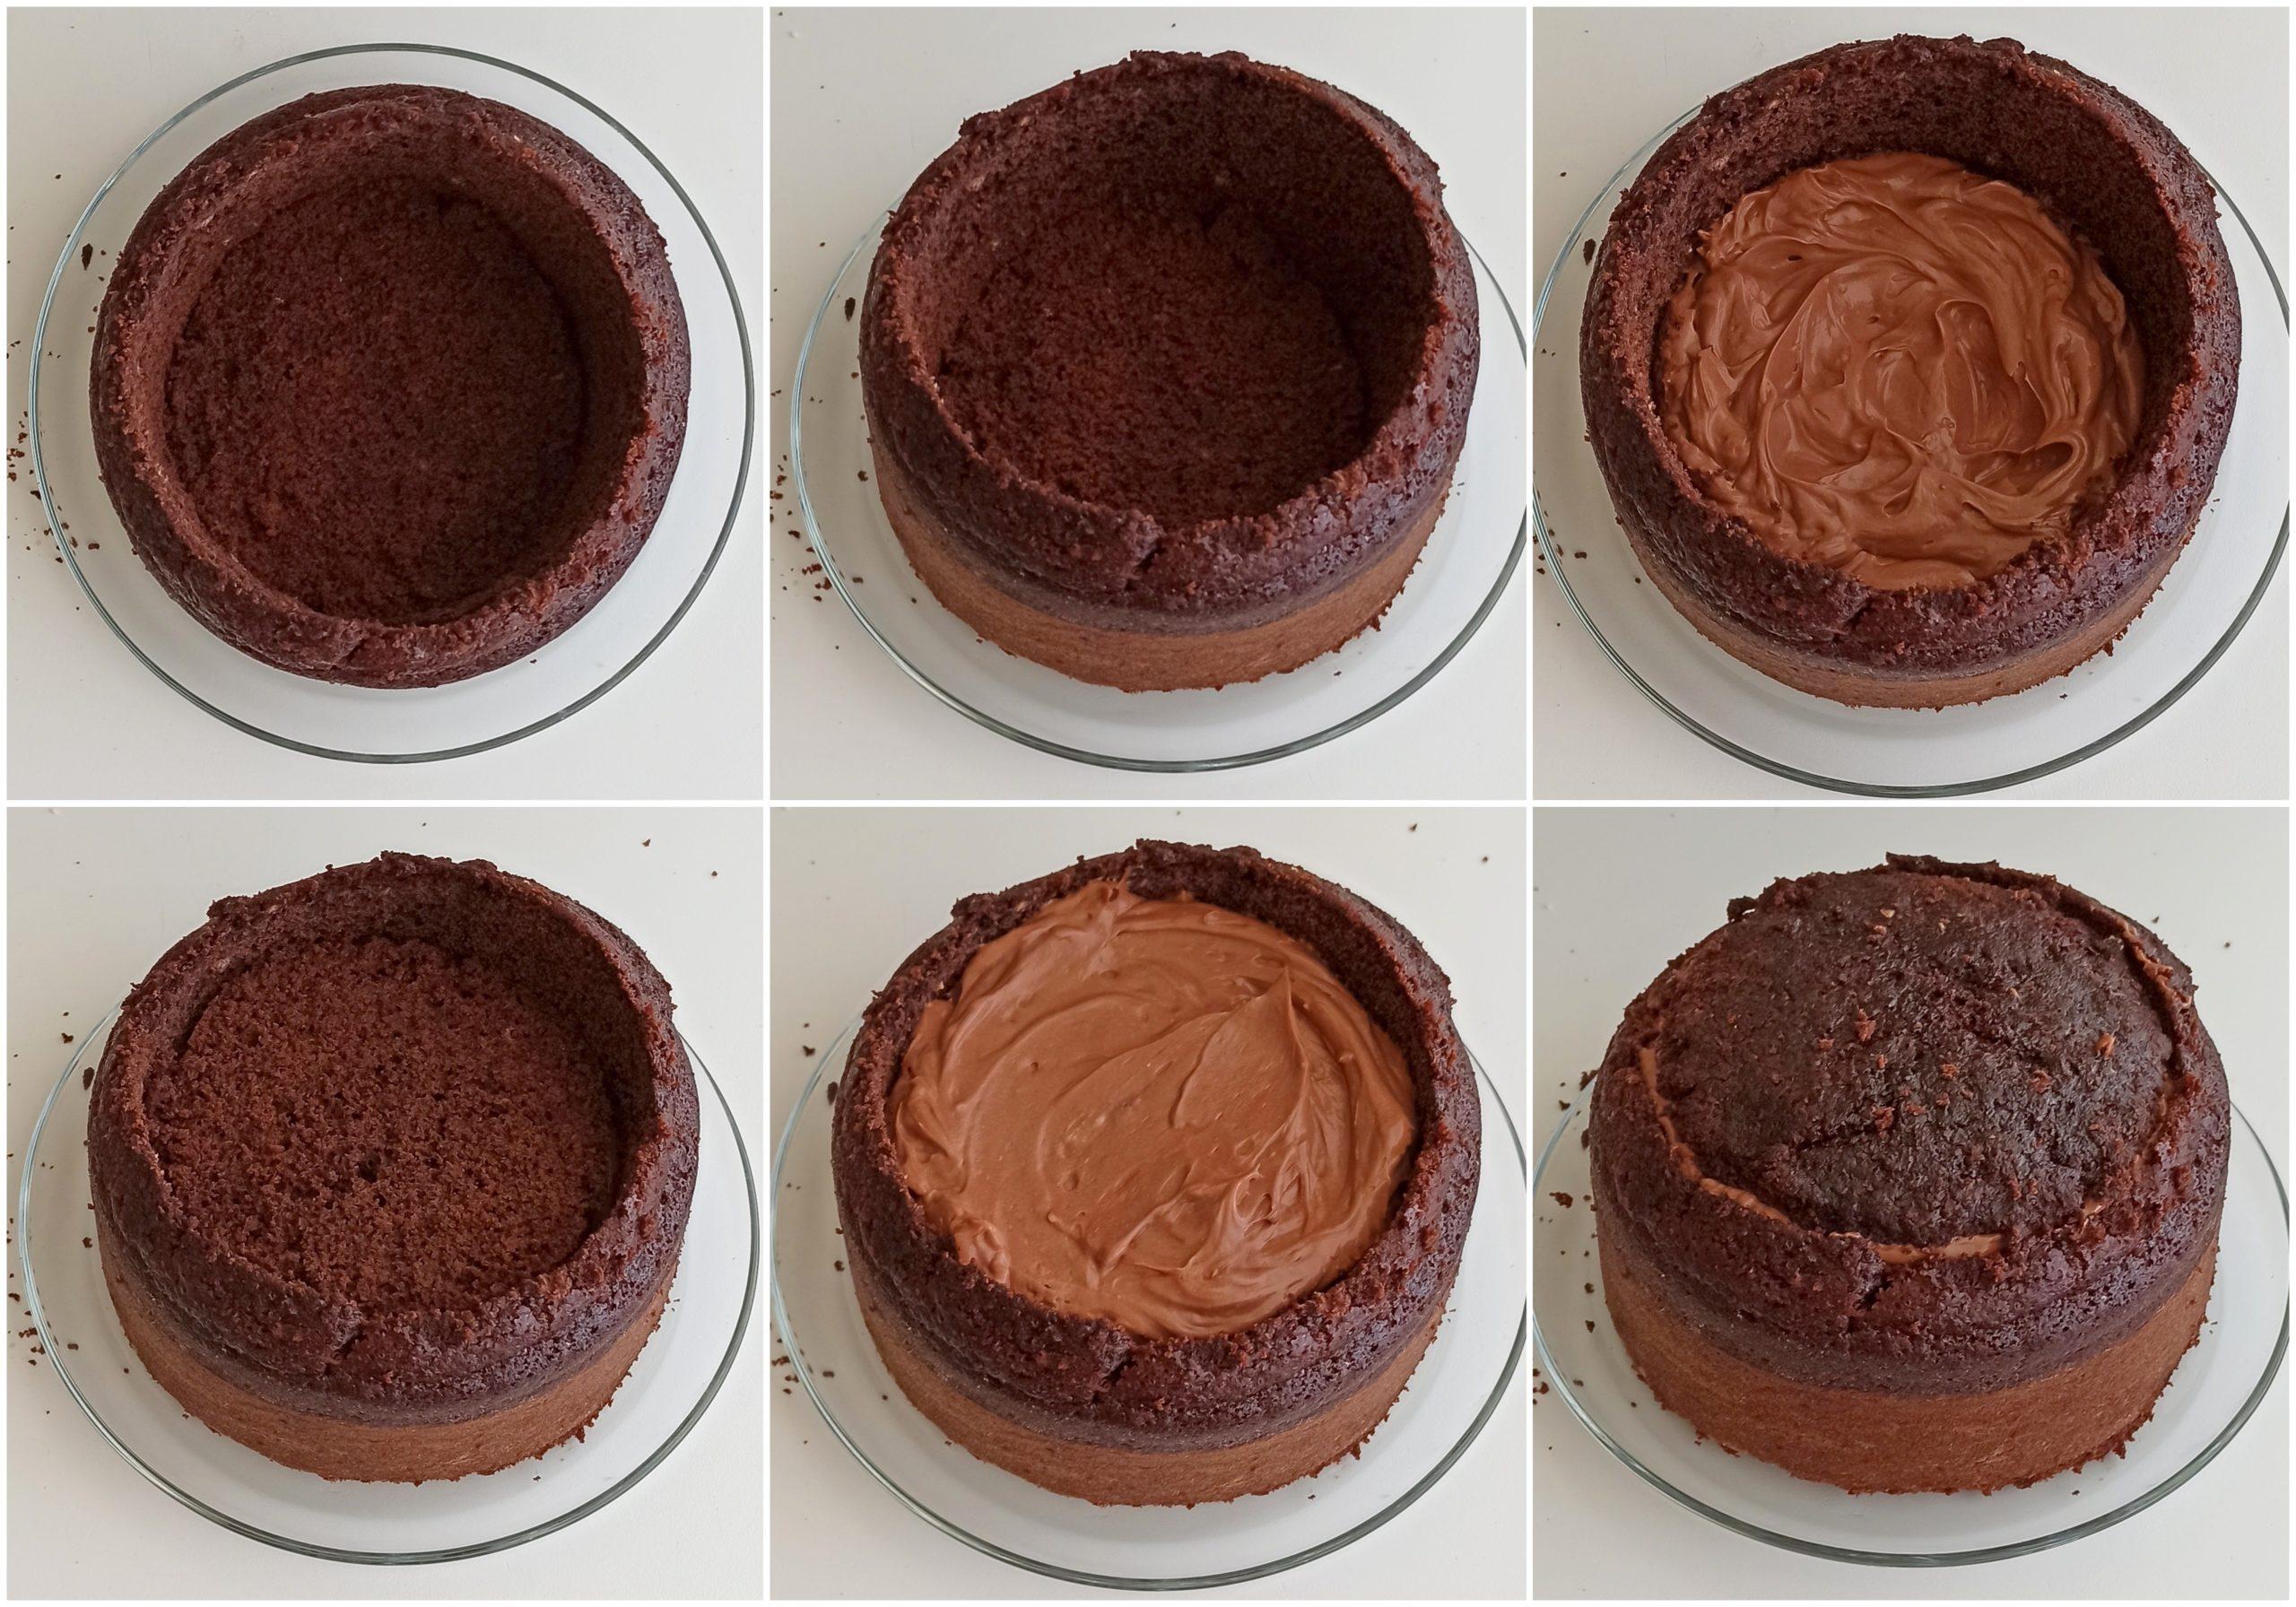 Trionfo di cioccolato senza glutine - La Cassata Celiaca